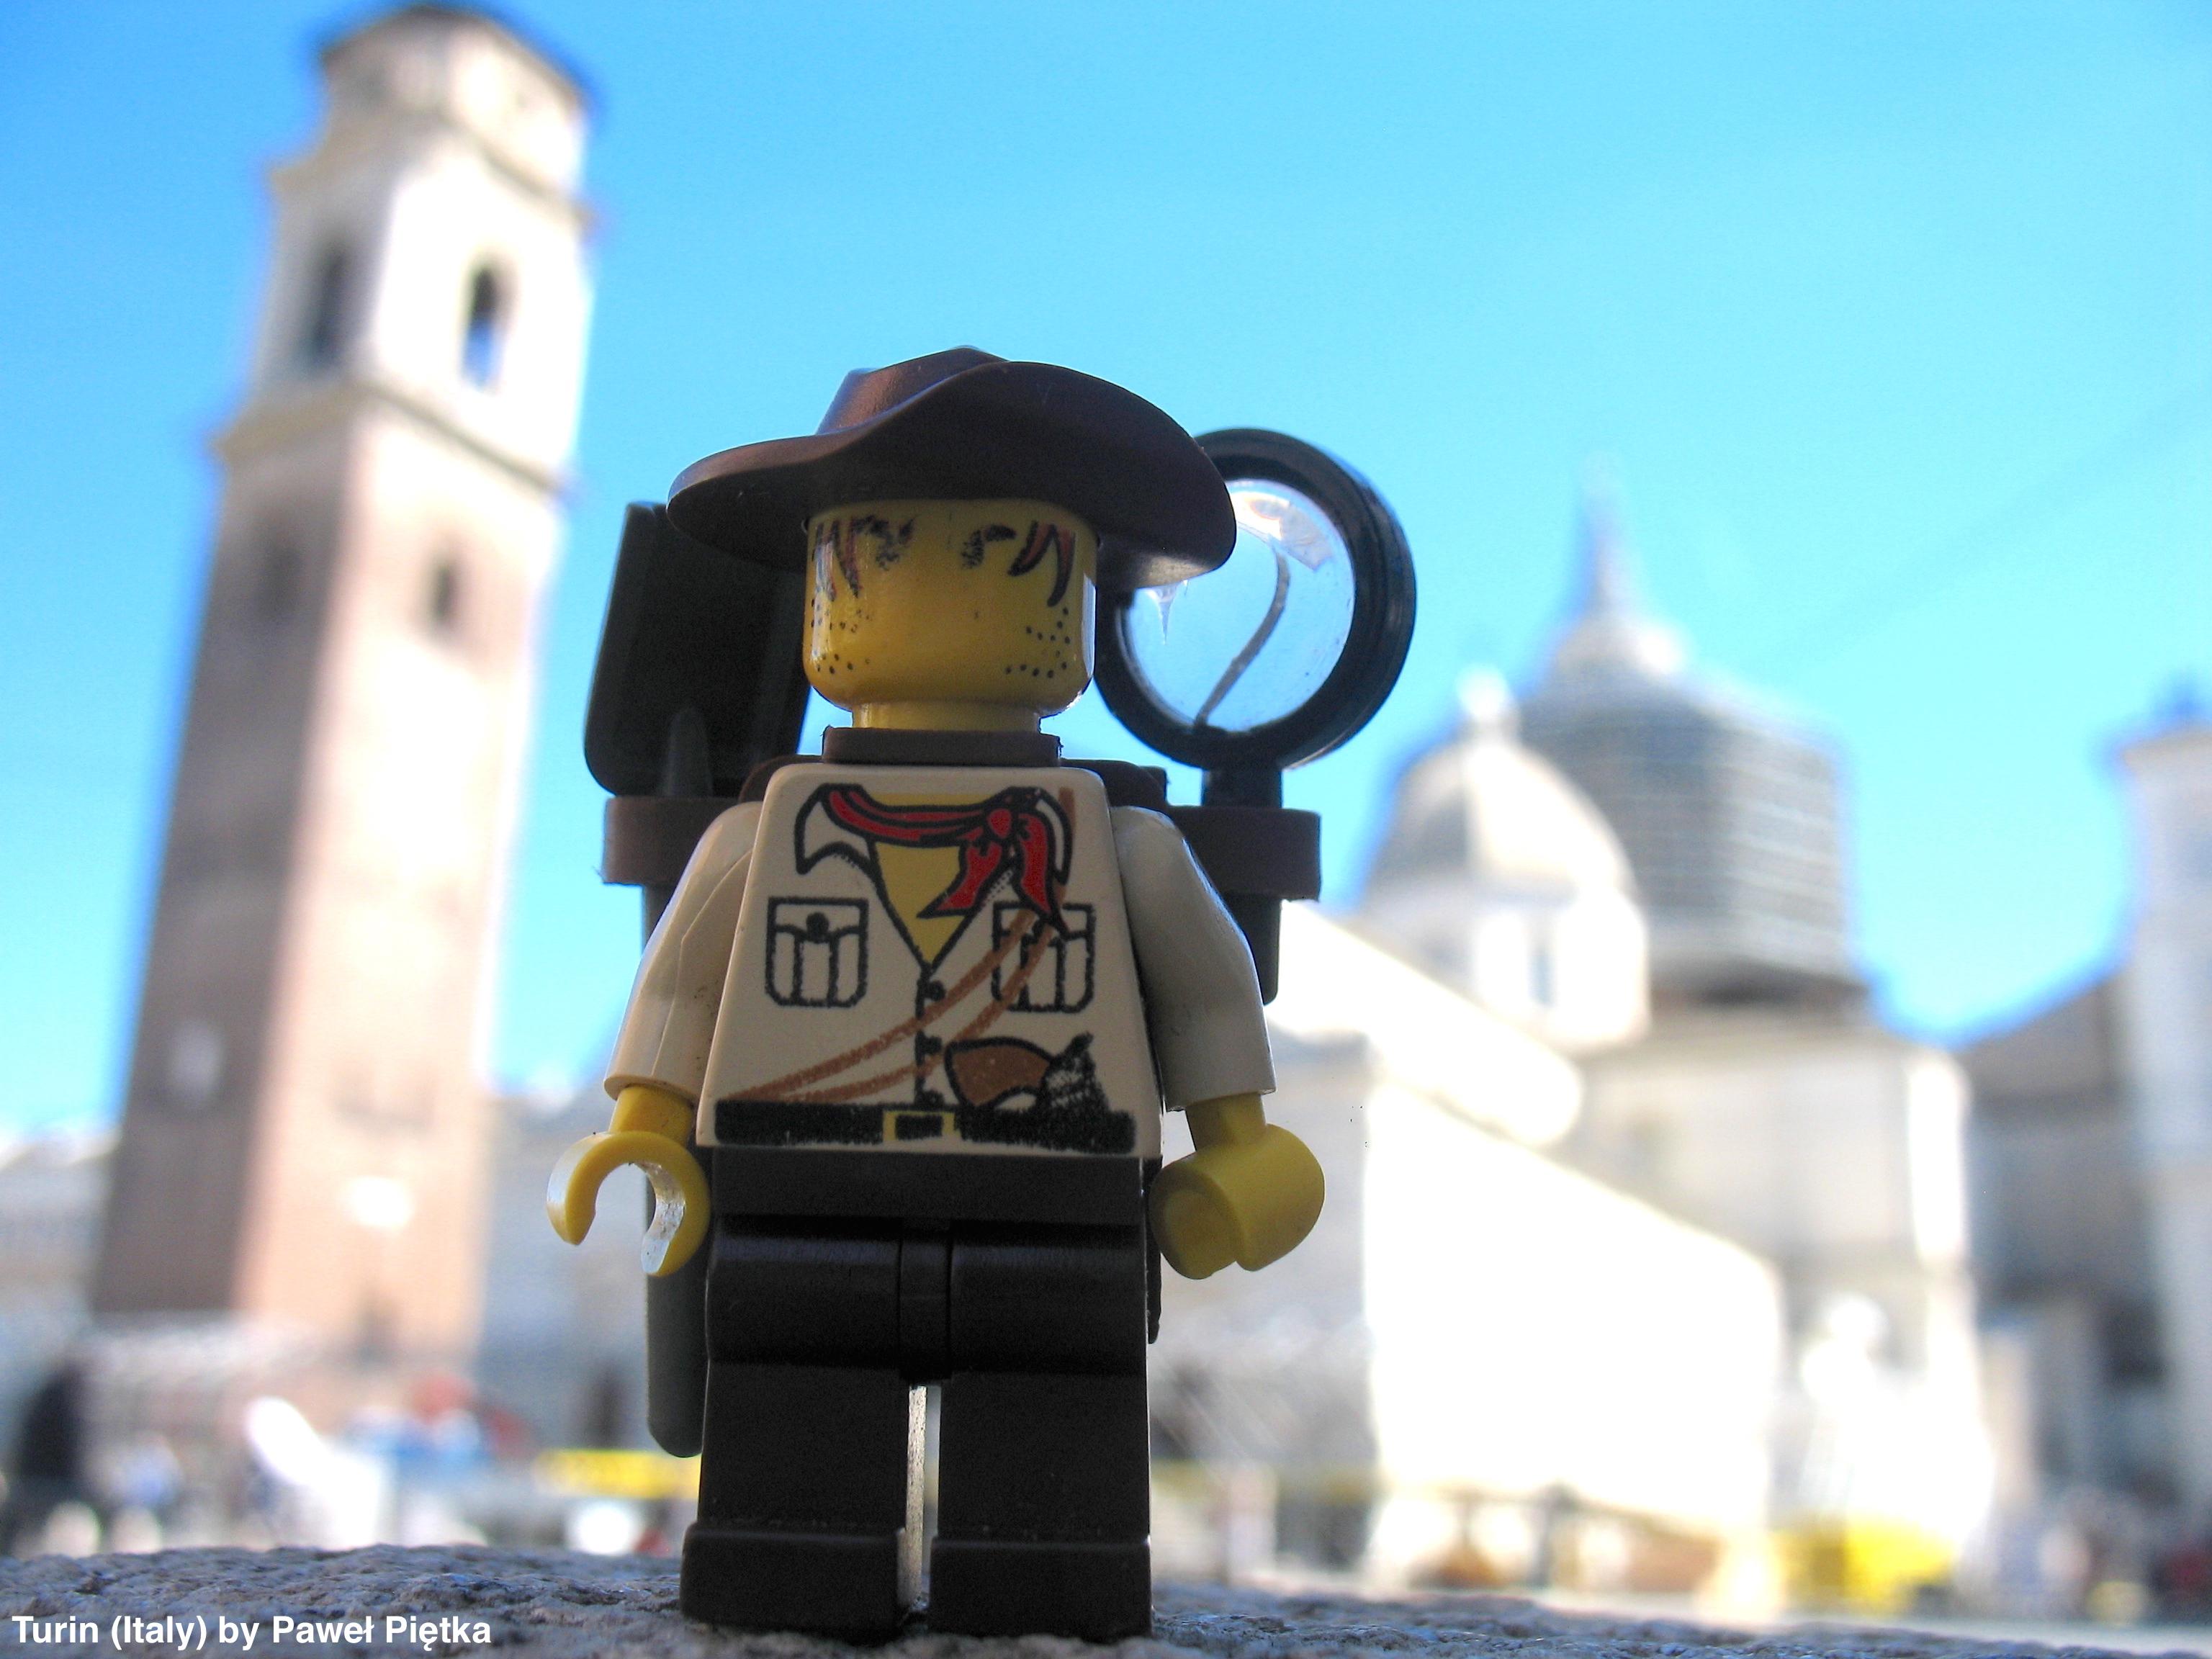 Turin (Italy) - Saint John the Baptist